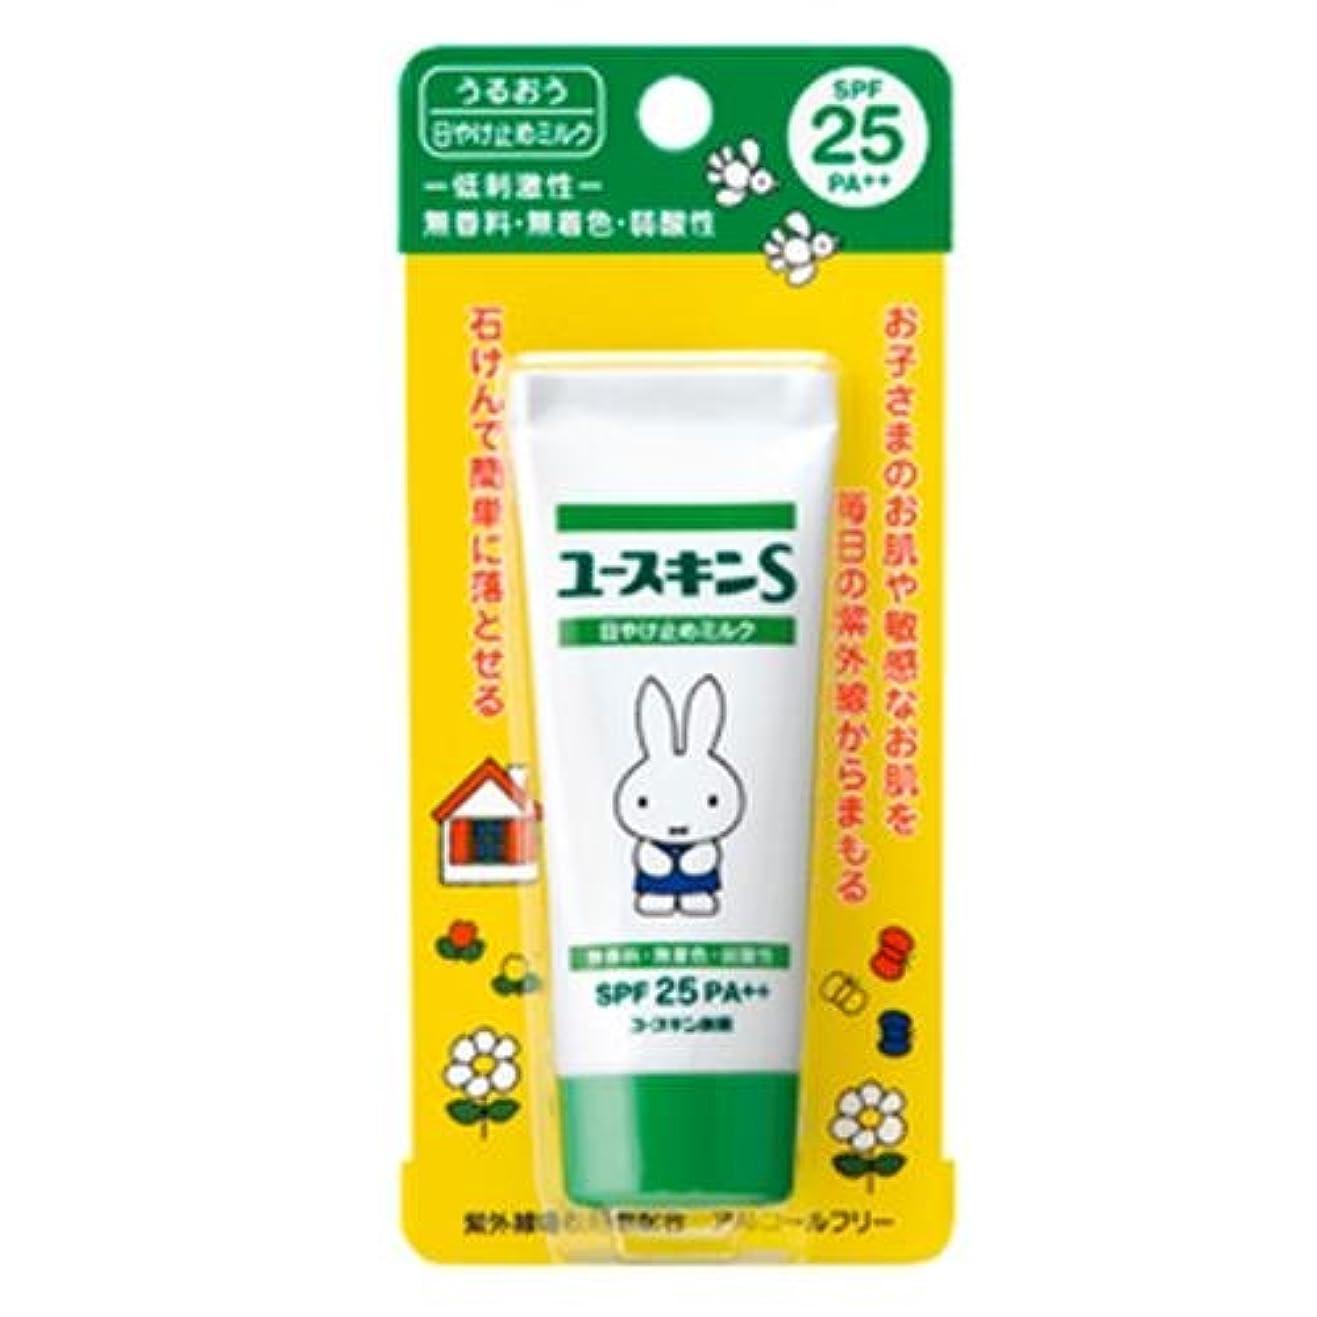 戦闘抽出杭ユースキンS UVミルク SPF25 PA++ 40g (敏感肌用 日焼け止め)